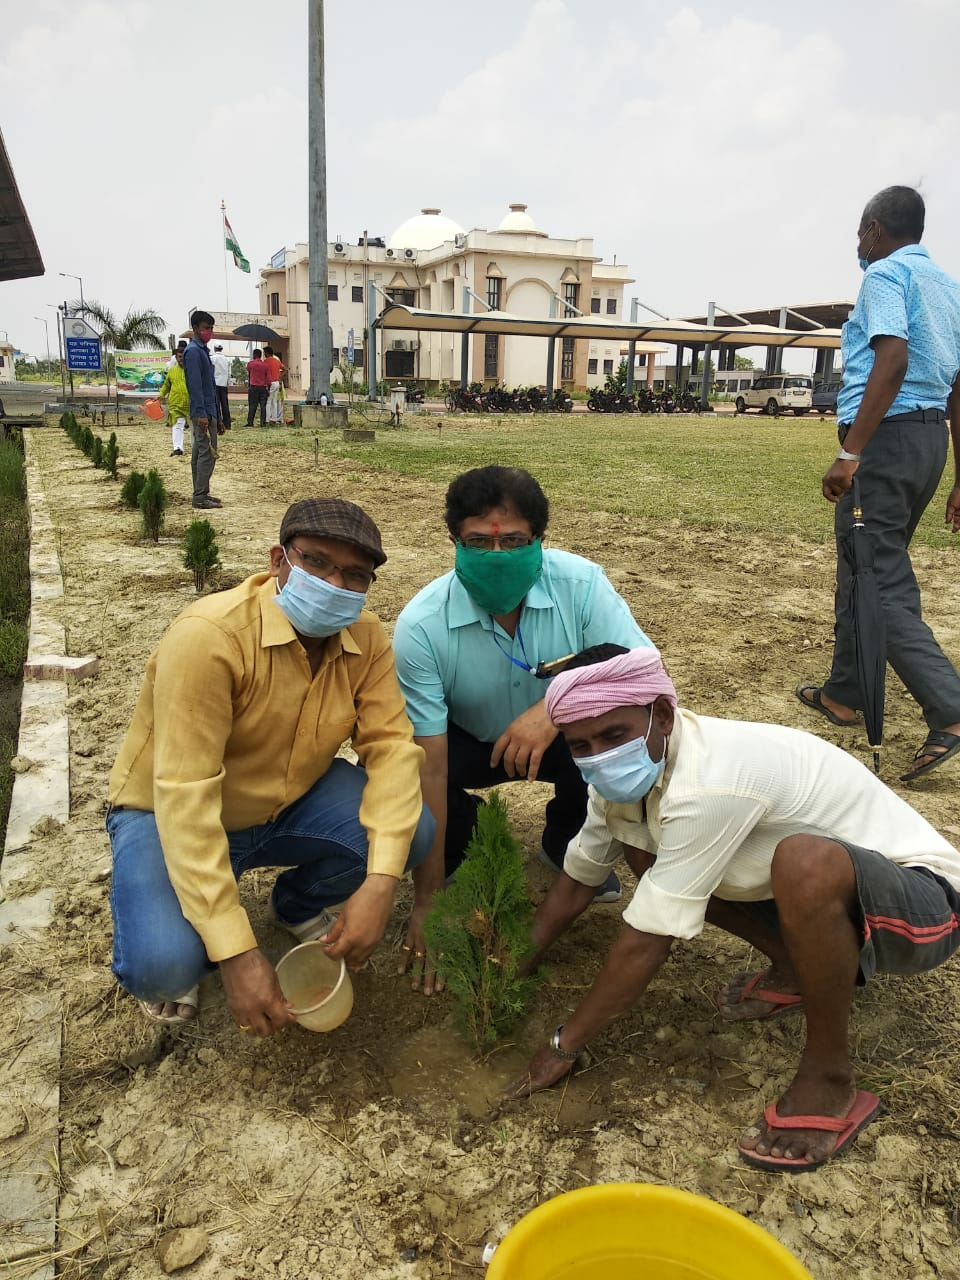 विश्व पर्यावरण दिवस पर चैम्बर ऑफ कॉमर्स एण्ड इंडस्ट्रीज ने आइसीपी के परिसर में किया वृक्षारोपण